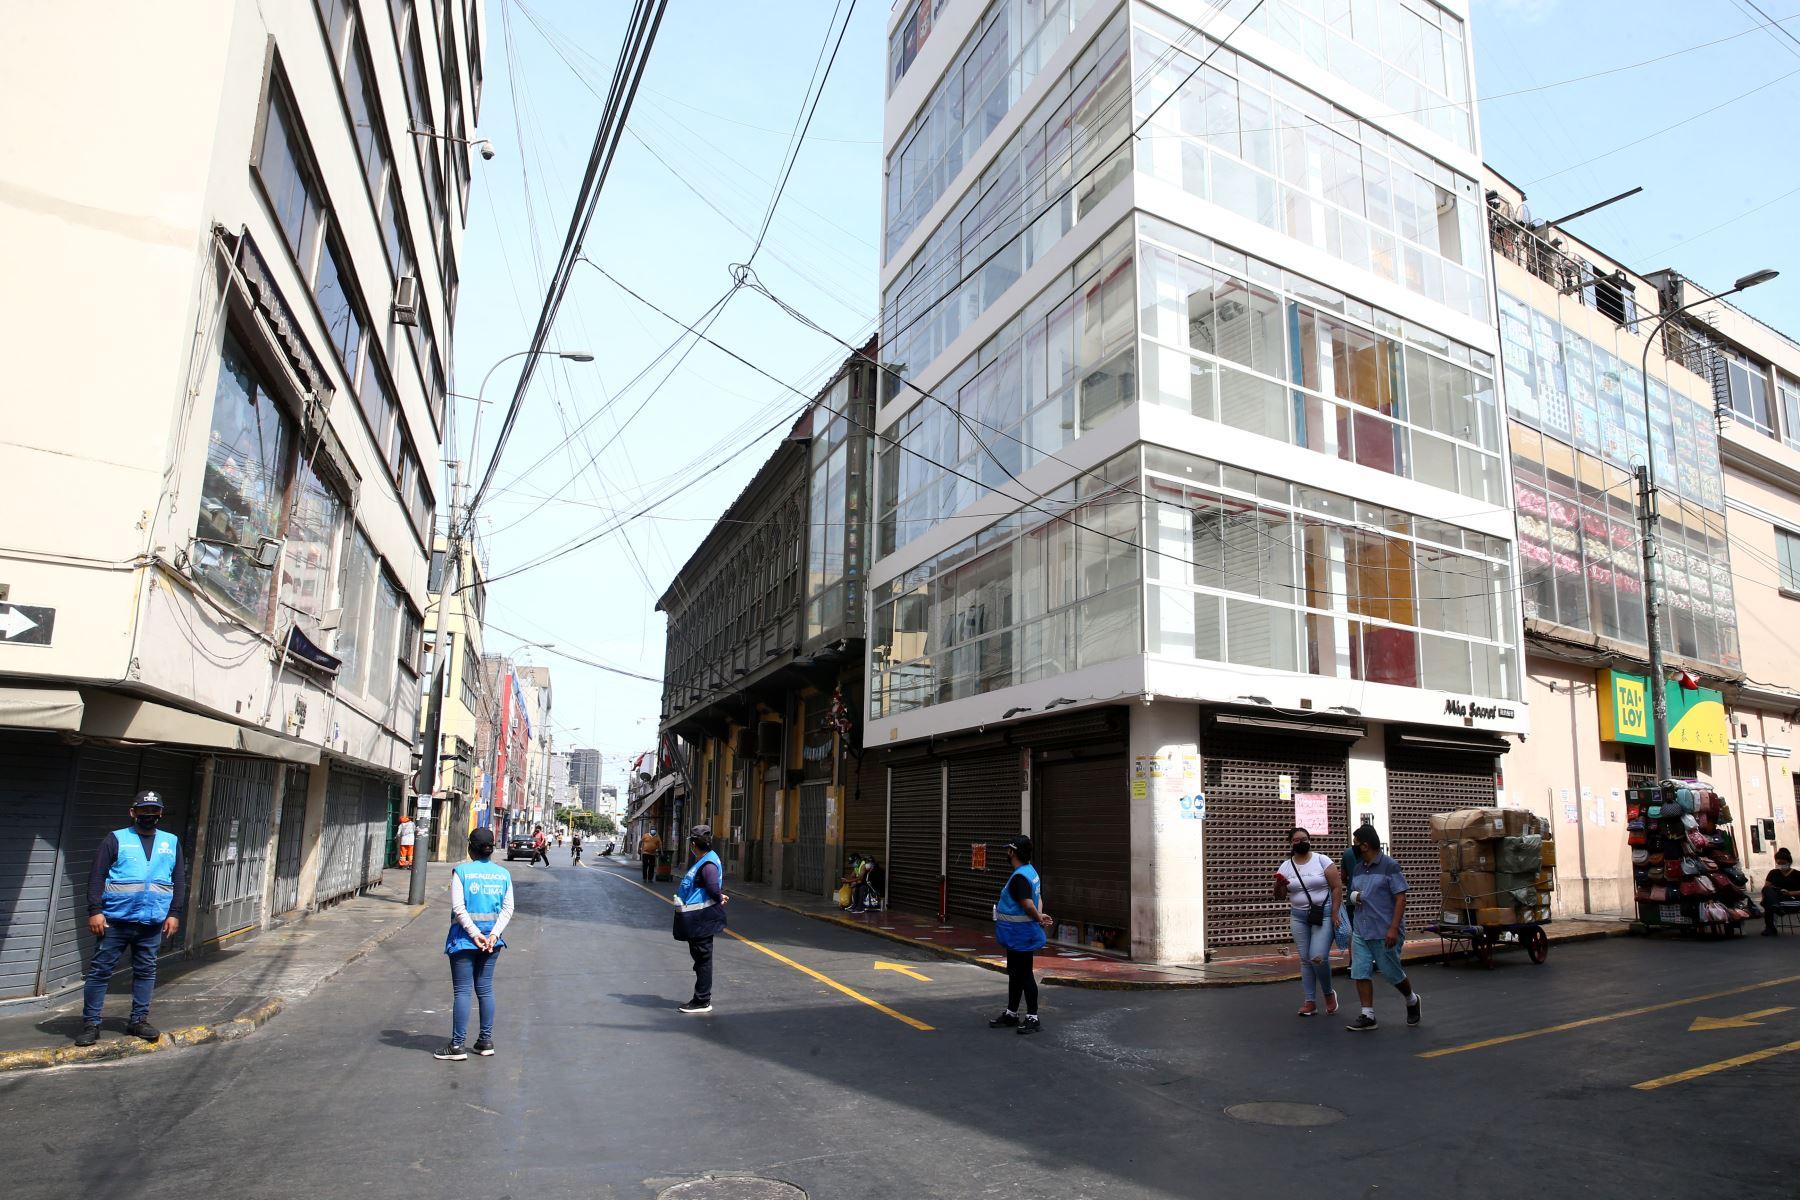 Hoy es el último día de la cuarentena establecida por el Gobierno para enfrentar el covid-19 en Lima Metropolitana, el Callao y demás provincias consideradas en nivel de alerta extremo.  Foto: ANDINA/Vidal Tarqui